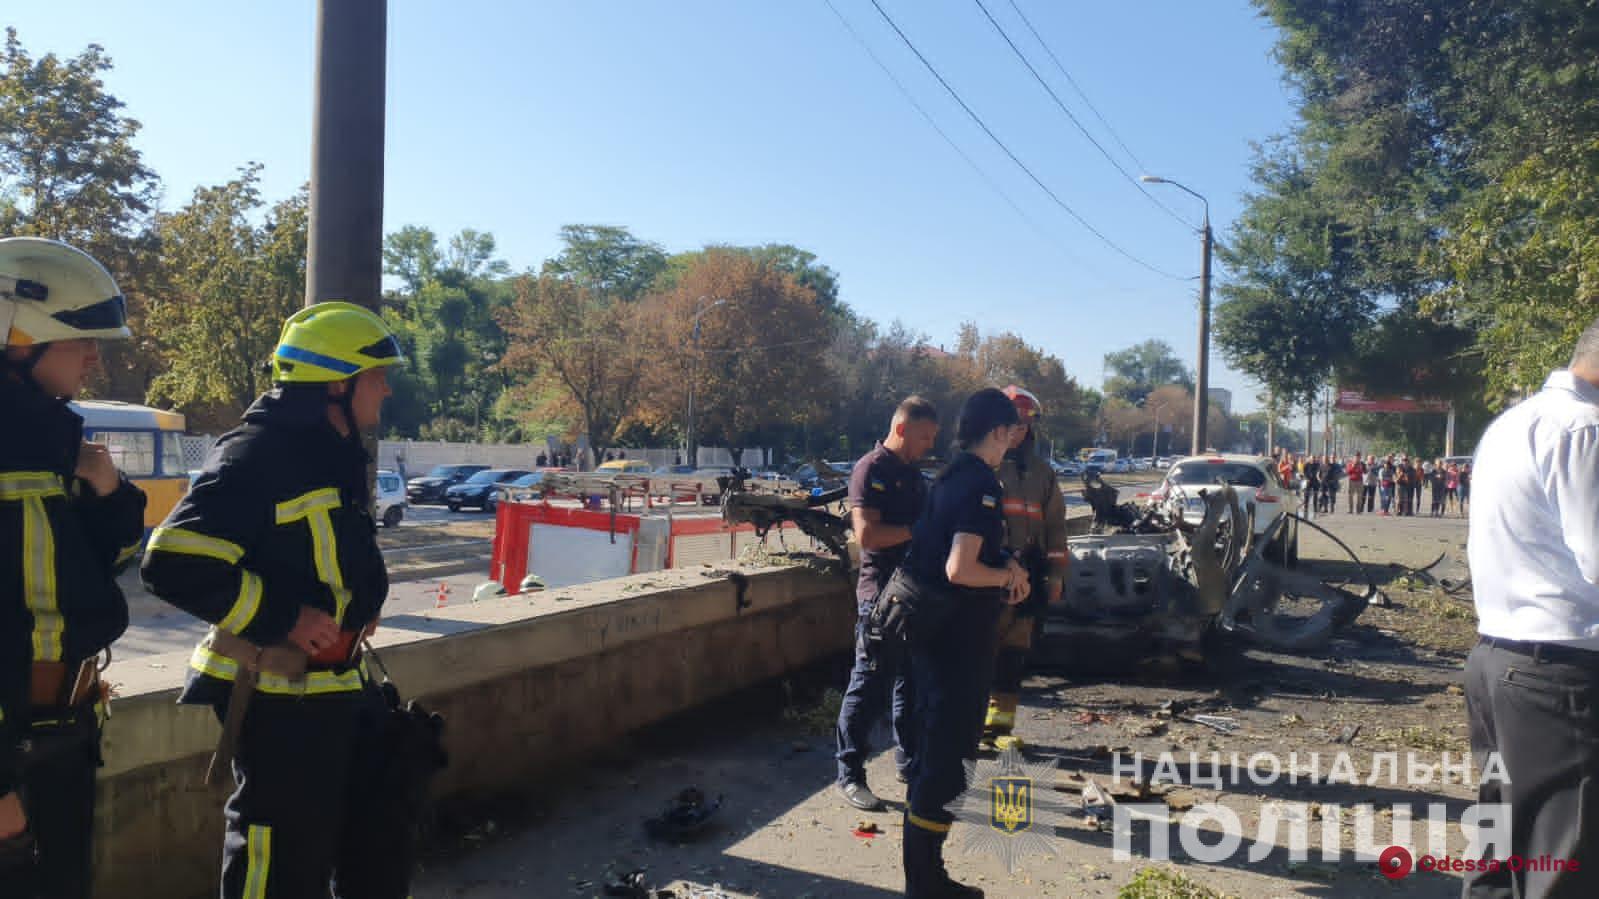 Теракт: в Днепре при взрыве автомобиля погибли глава пресс-службы областной ГСЧС и ветеран АТО